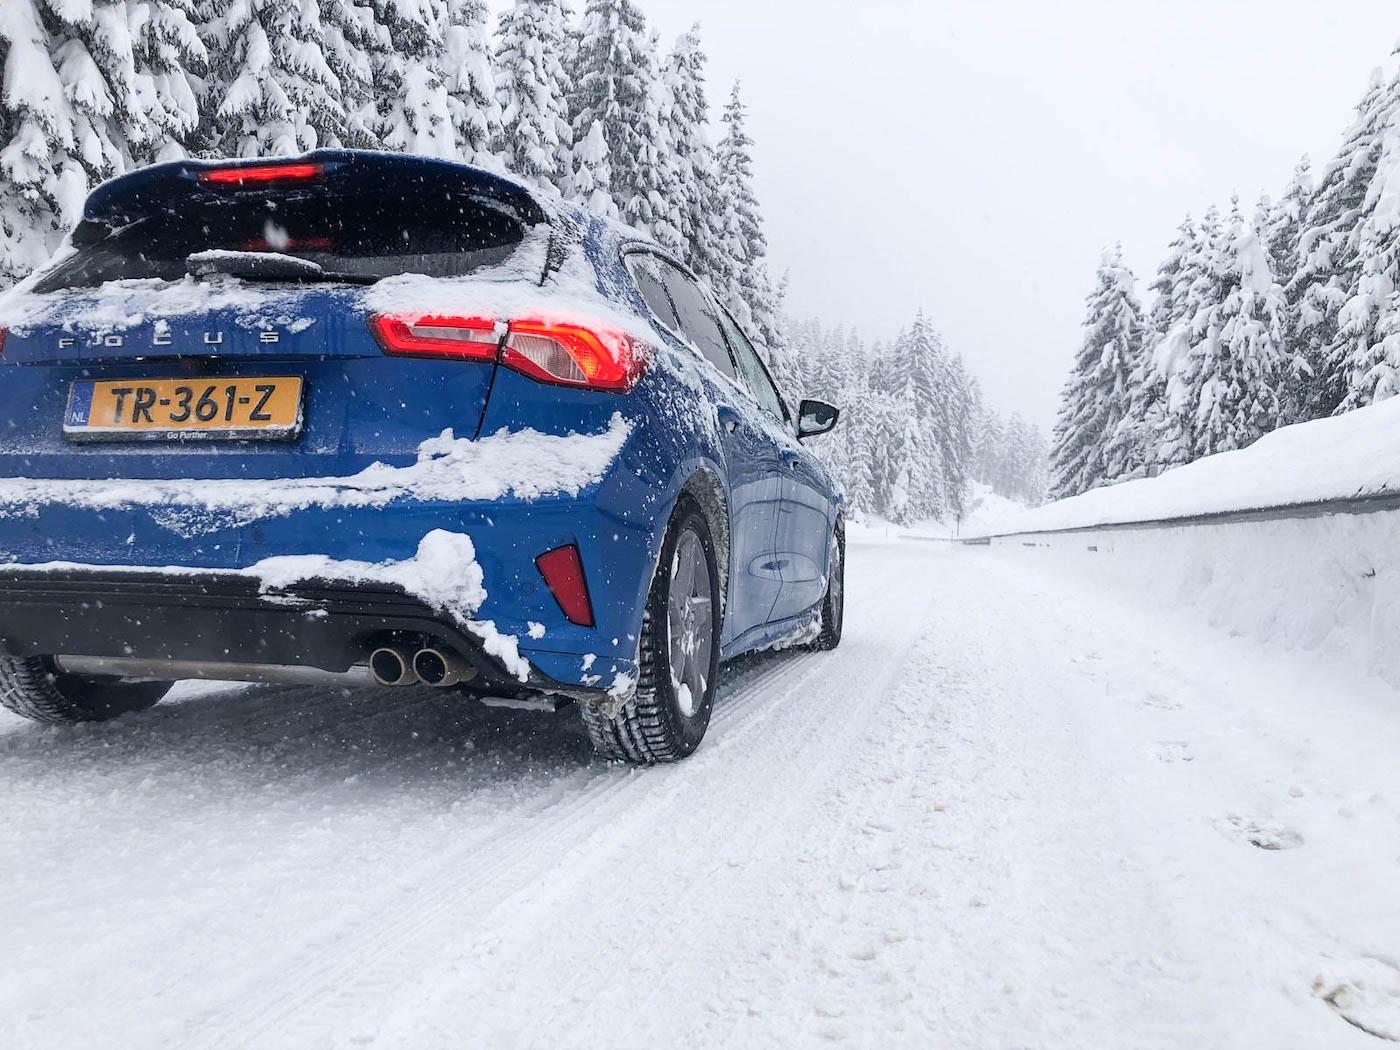 Rijden met de auto in de sneeuw